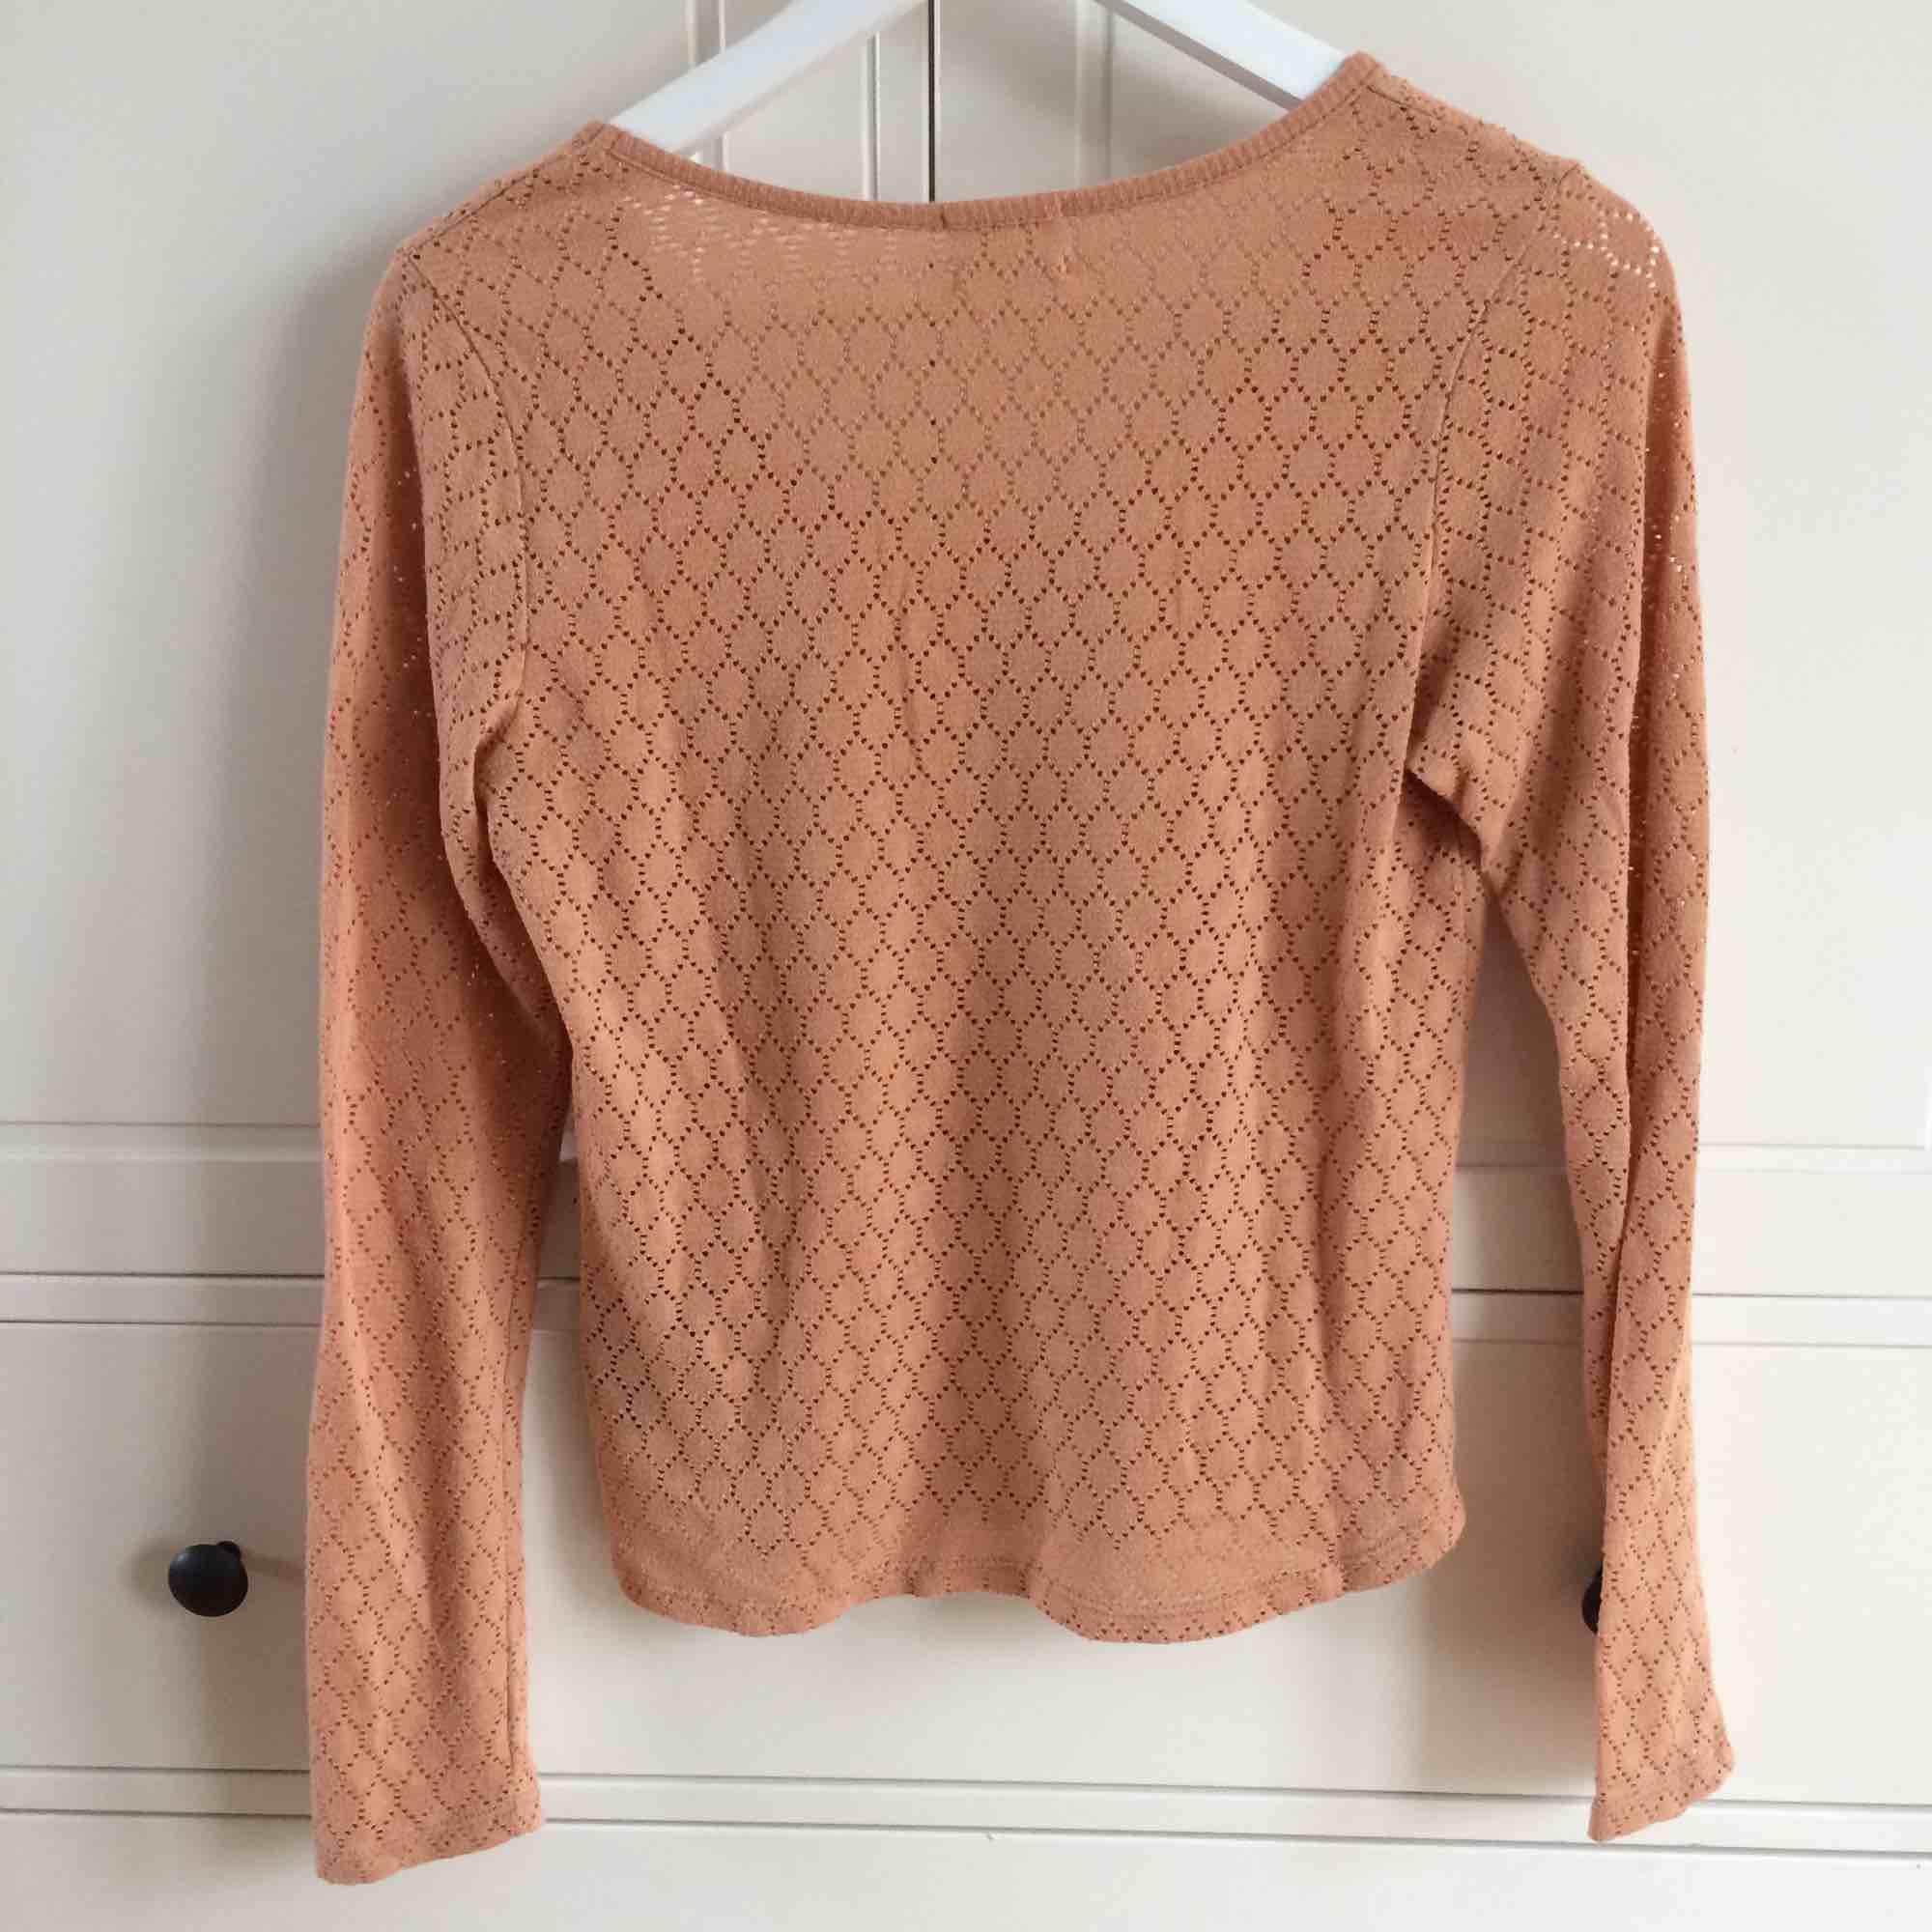 Säljer min favvo-tröja pga för liten. Unikt mönstrad tröja i brun/beige färg från Urban Outfitters (märket Pins and Needles). Köparen står för frakt. Kan även mötas upp i Helsingborg. . Toppar.